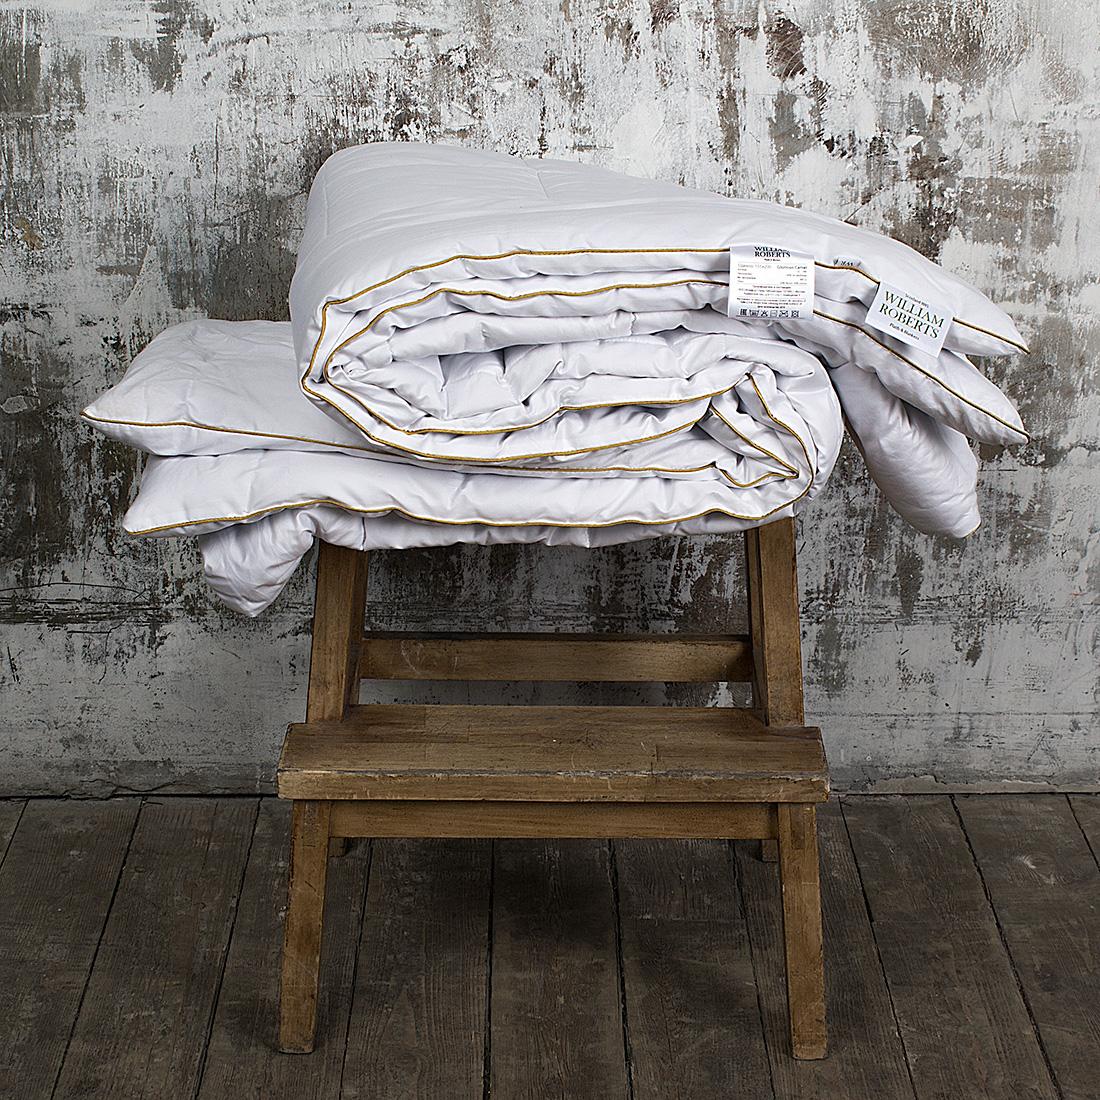 Одеяло William Roberts Glorious Camel, всесезонное, 200х220 см одеяла anna flaum одеяло flaum herbst 150х200 всесезонное